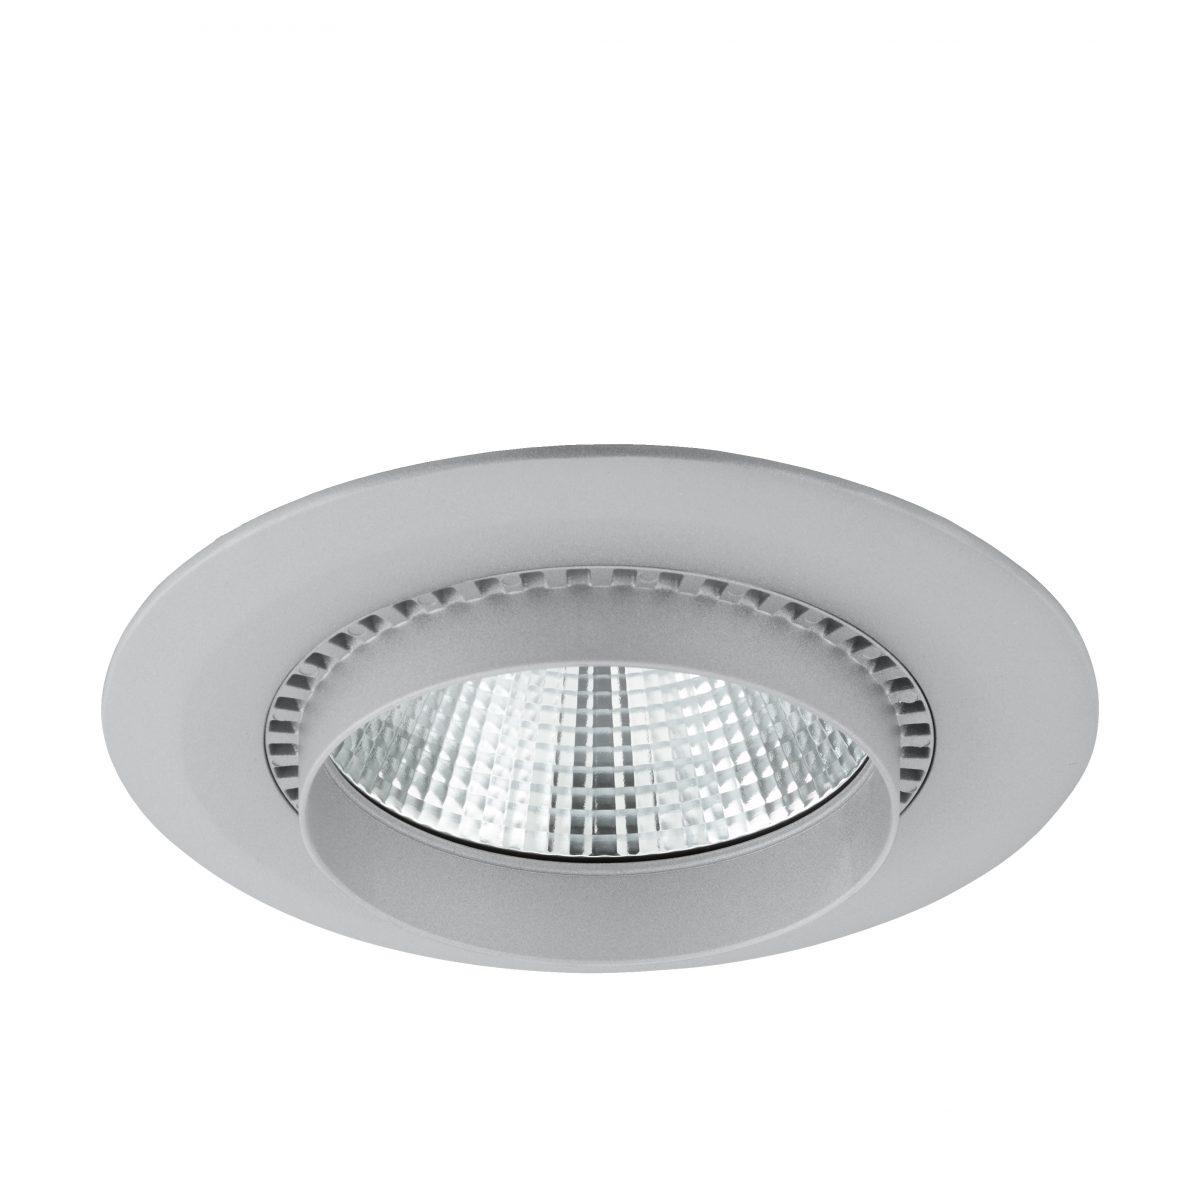 Светильник настенно-потолочный 180/PROFESSIONAL LI EGLO 61233 - Фото №28